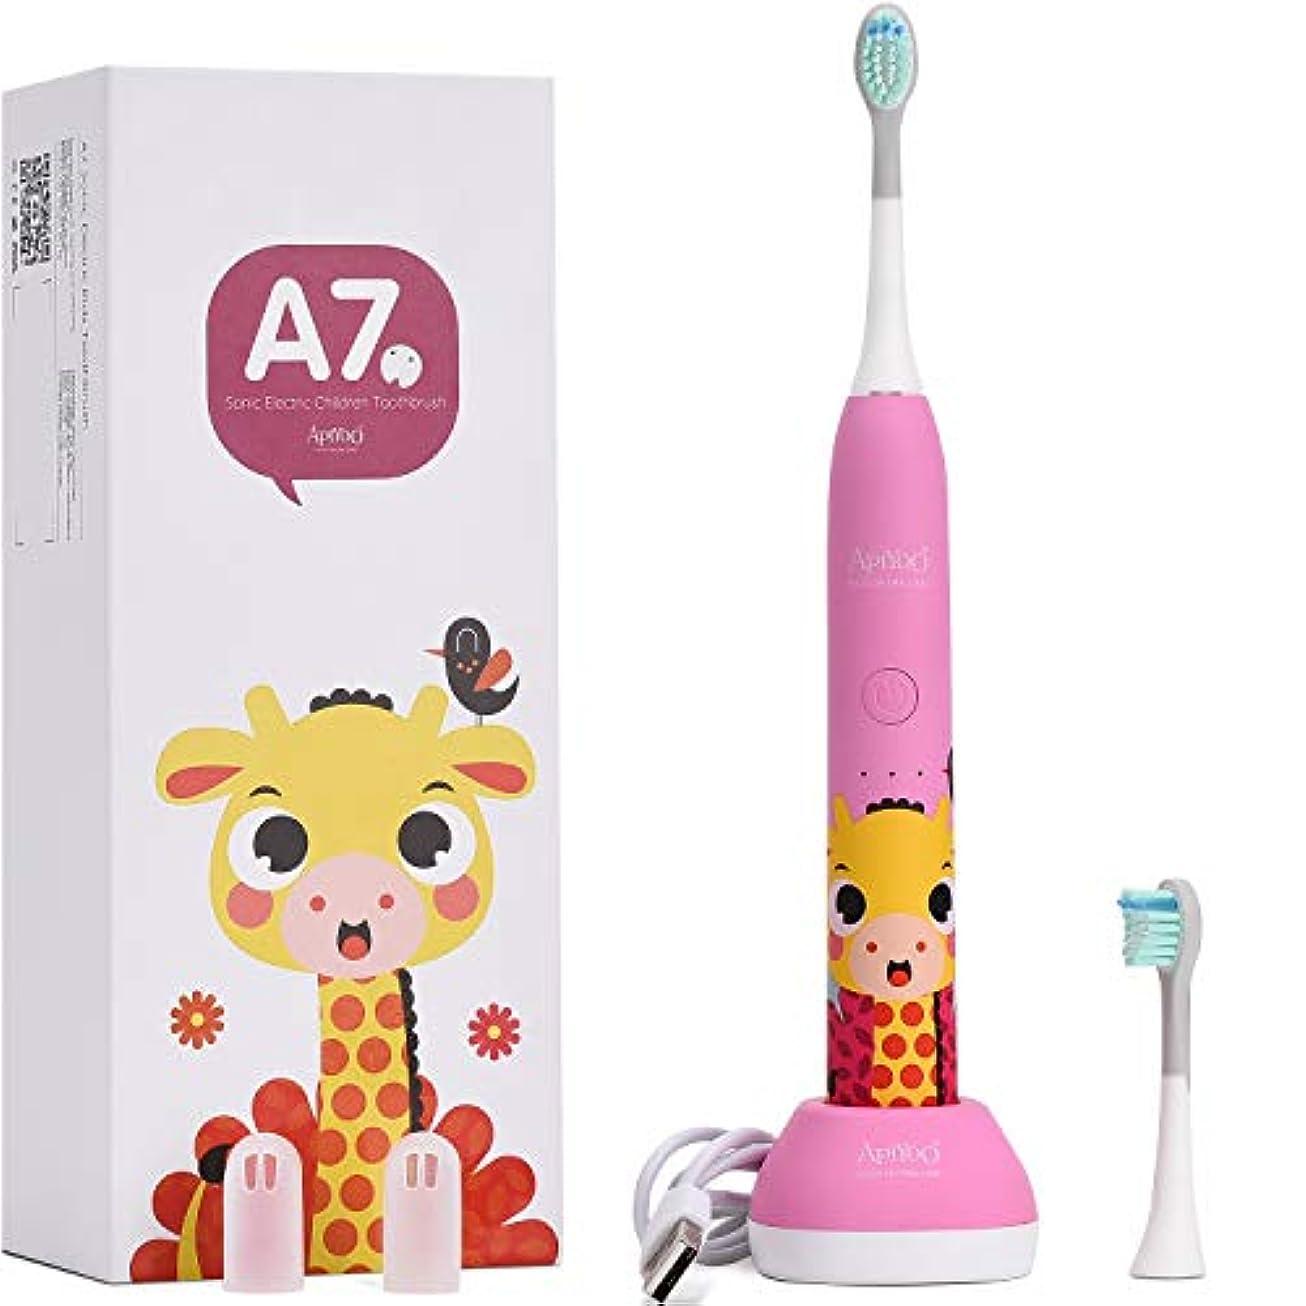 タンク休日に熱狂的な子供用歯ブラシ、APIYOO A7ワイヤレス充電式電動歯ブラシ、IPX7防水、三種類ブラッシングモード、子供に対応の2分間スマートタイマー機能付き(ピンク)